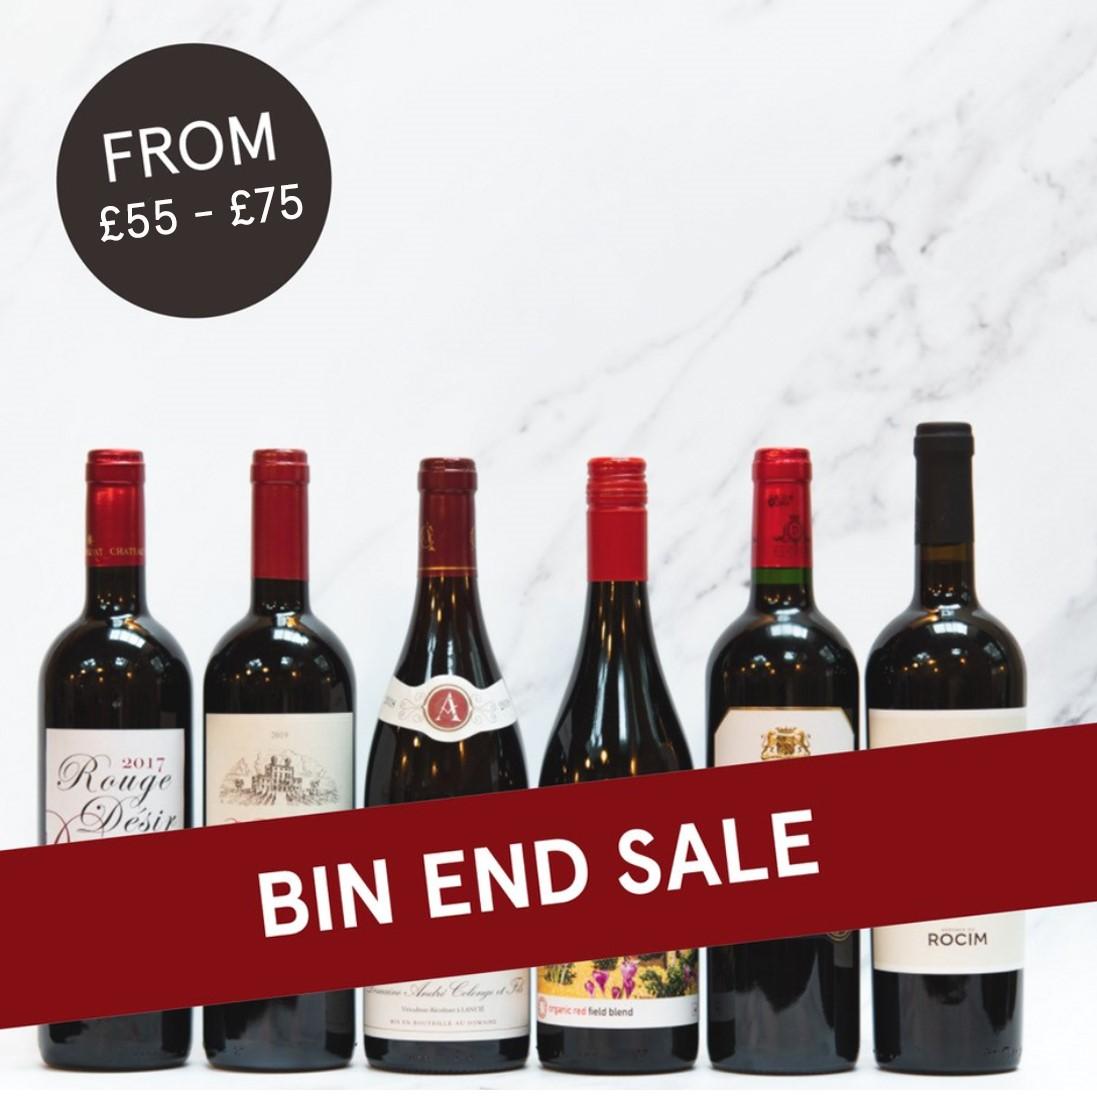 Bin End Mixed Reds Case £55 - £65 - £75